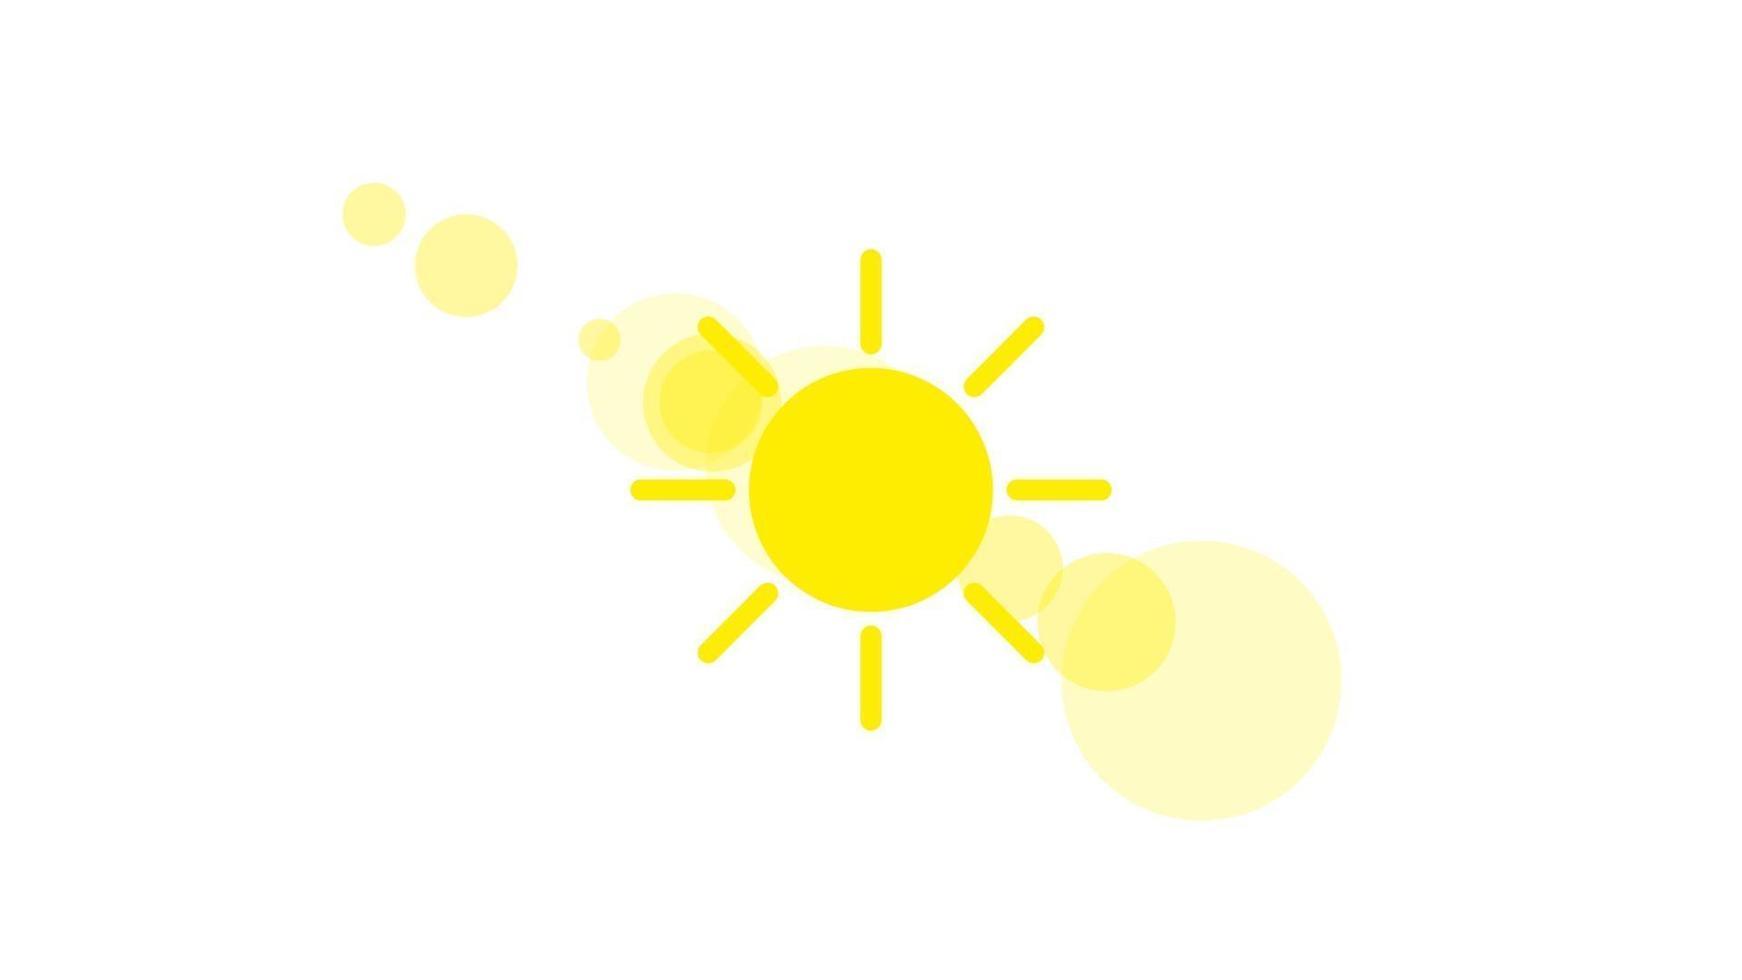 soligt väder tecken ikon på vit bakgrund. gul sol illustration vektor